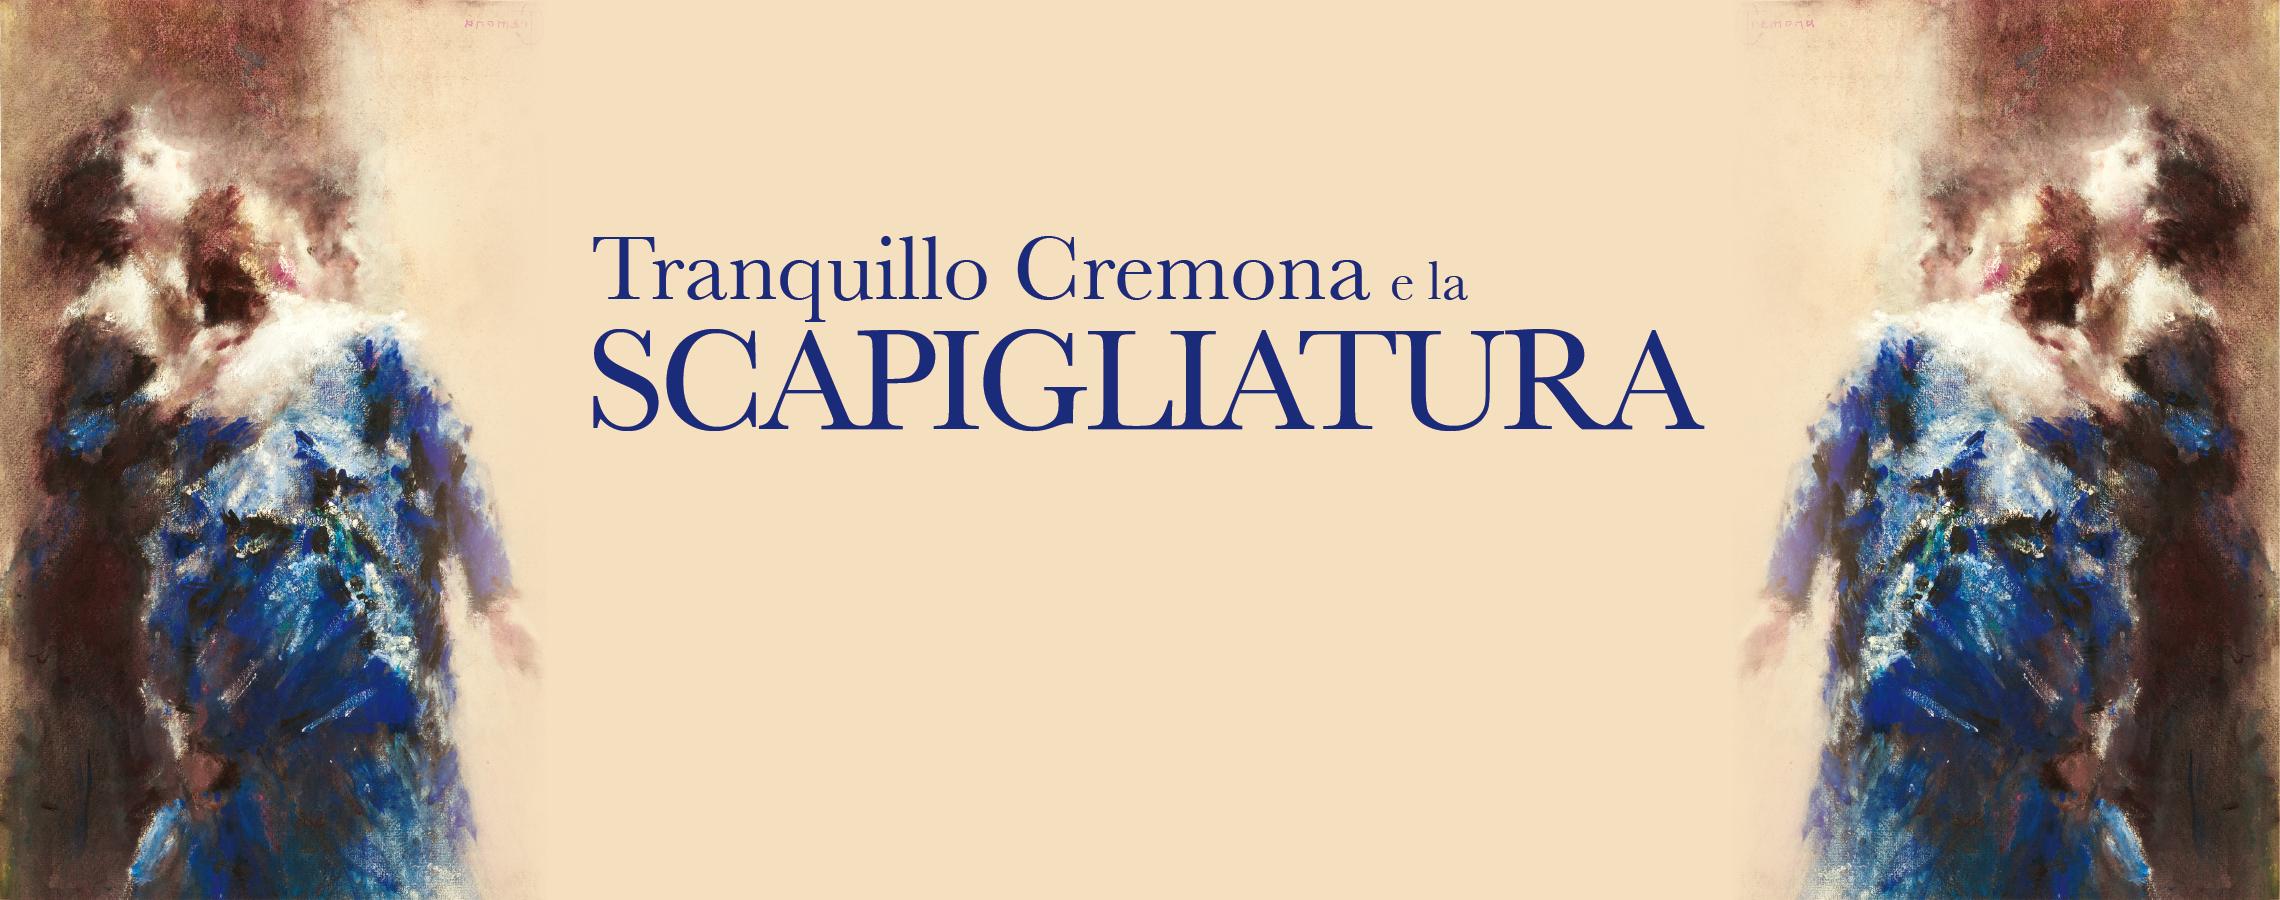 header-scapigliatura-sito-scuderie3